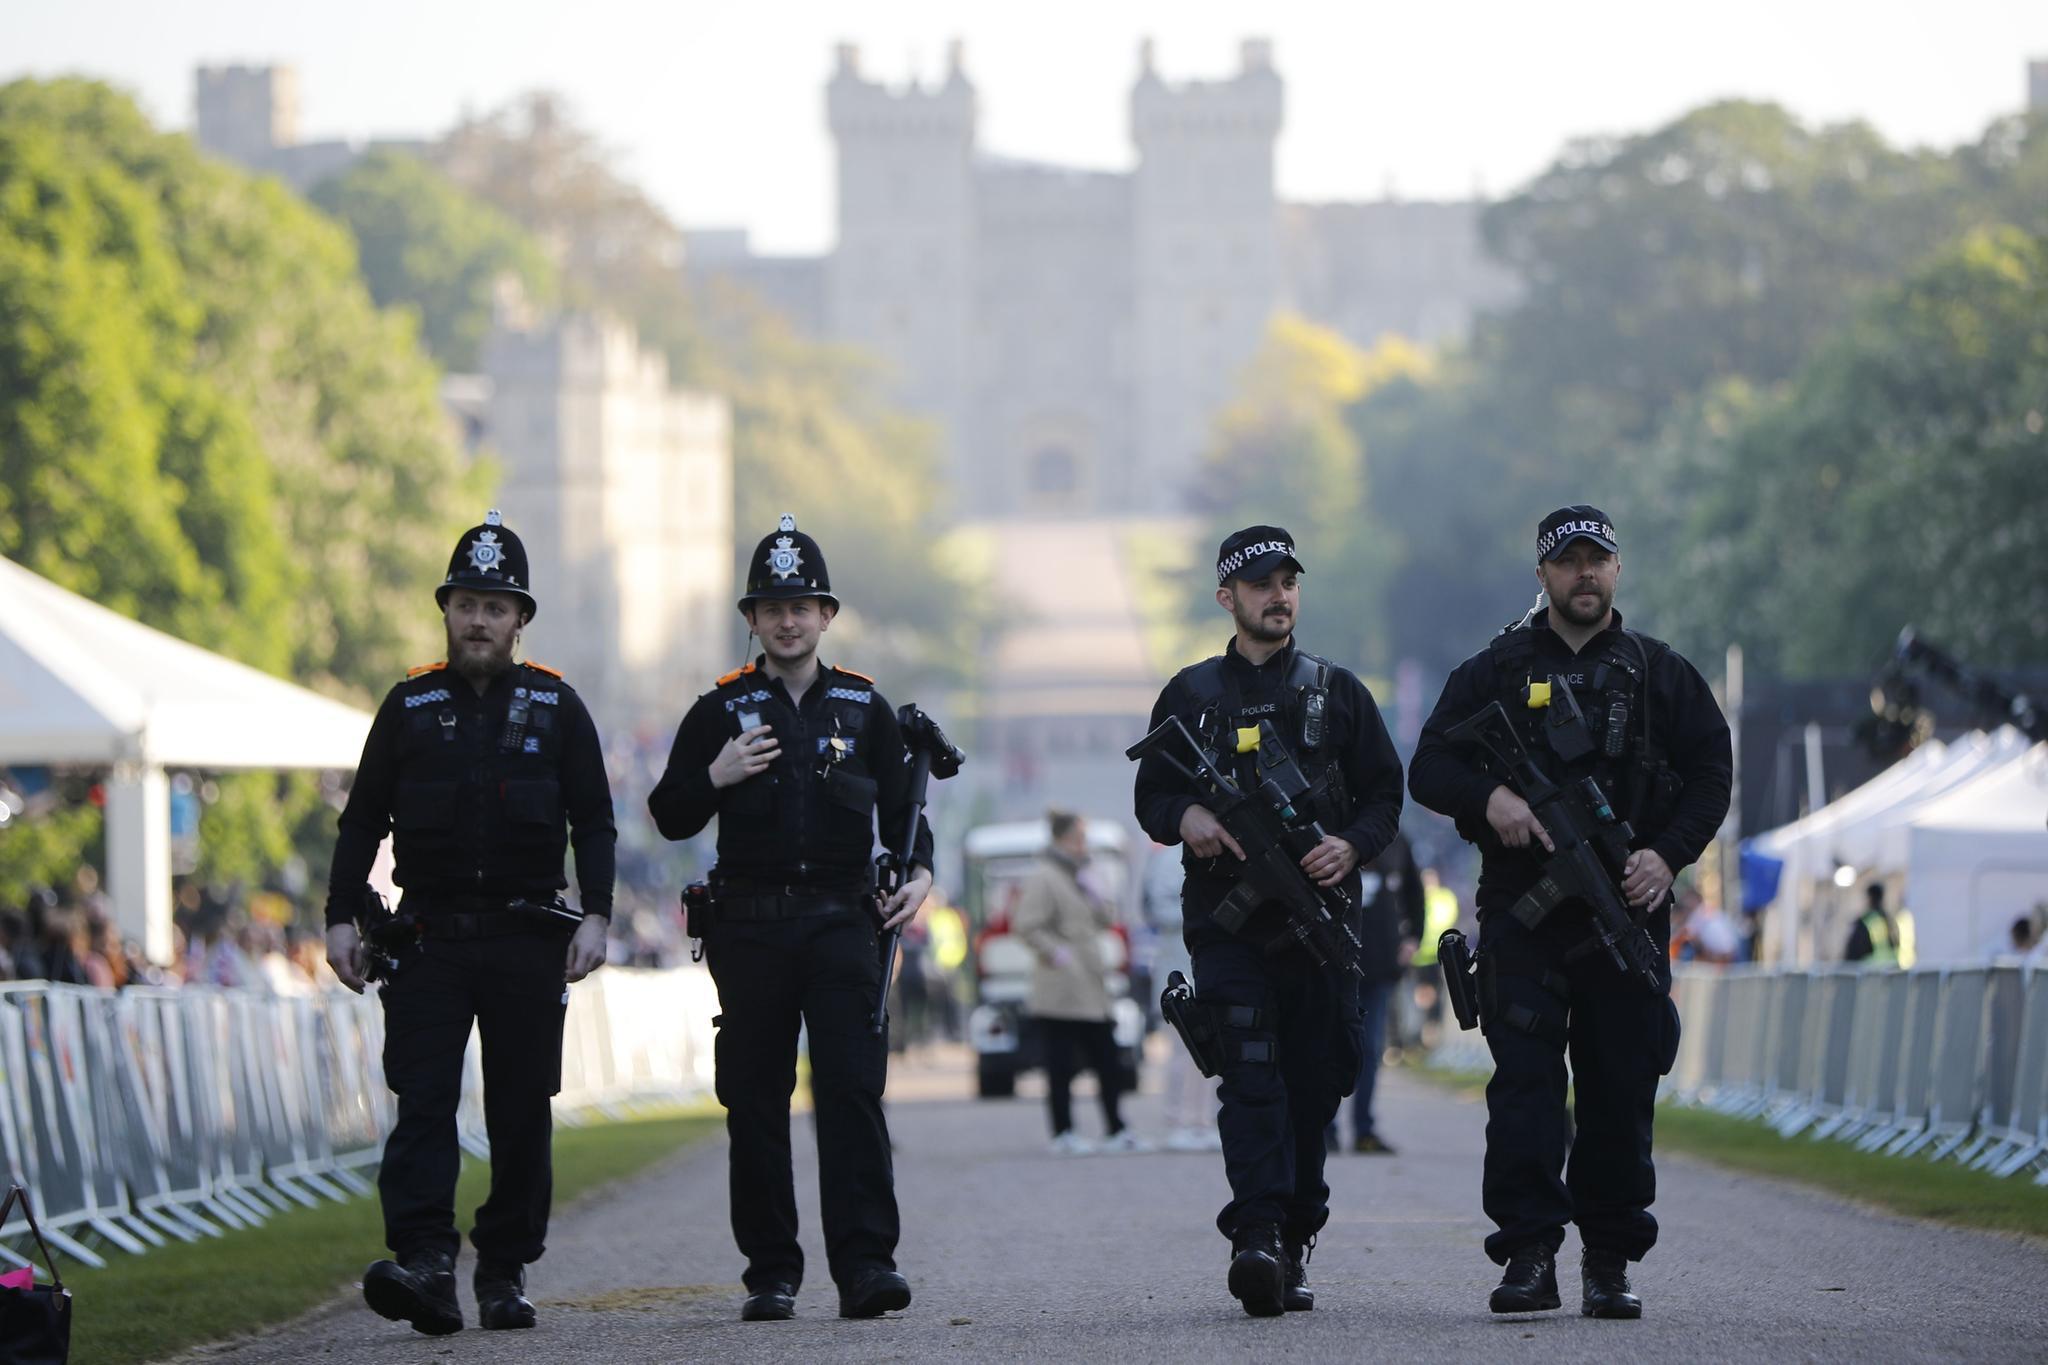 Polizei-Großaufgebot auch bei der Hochzeit von Harry und Meghan. Schwer bewaffnete Sicherheitskräfte patrouillieren durch die Straßen, im Hintergrund thront das Schloss Windsor.